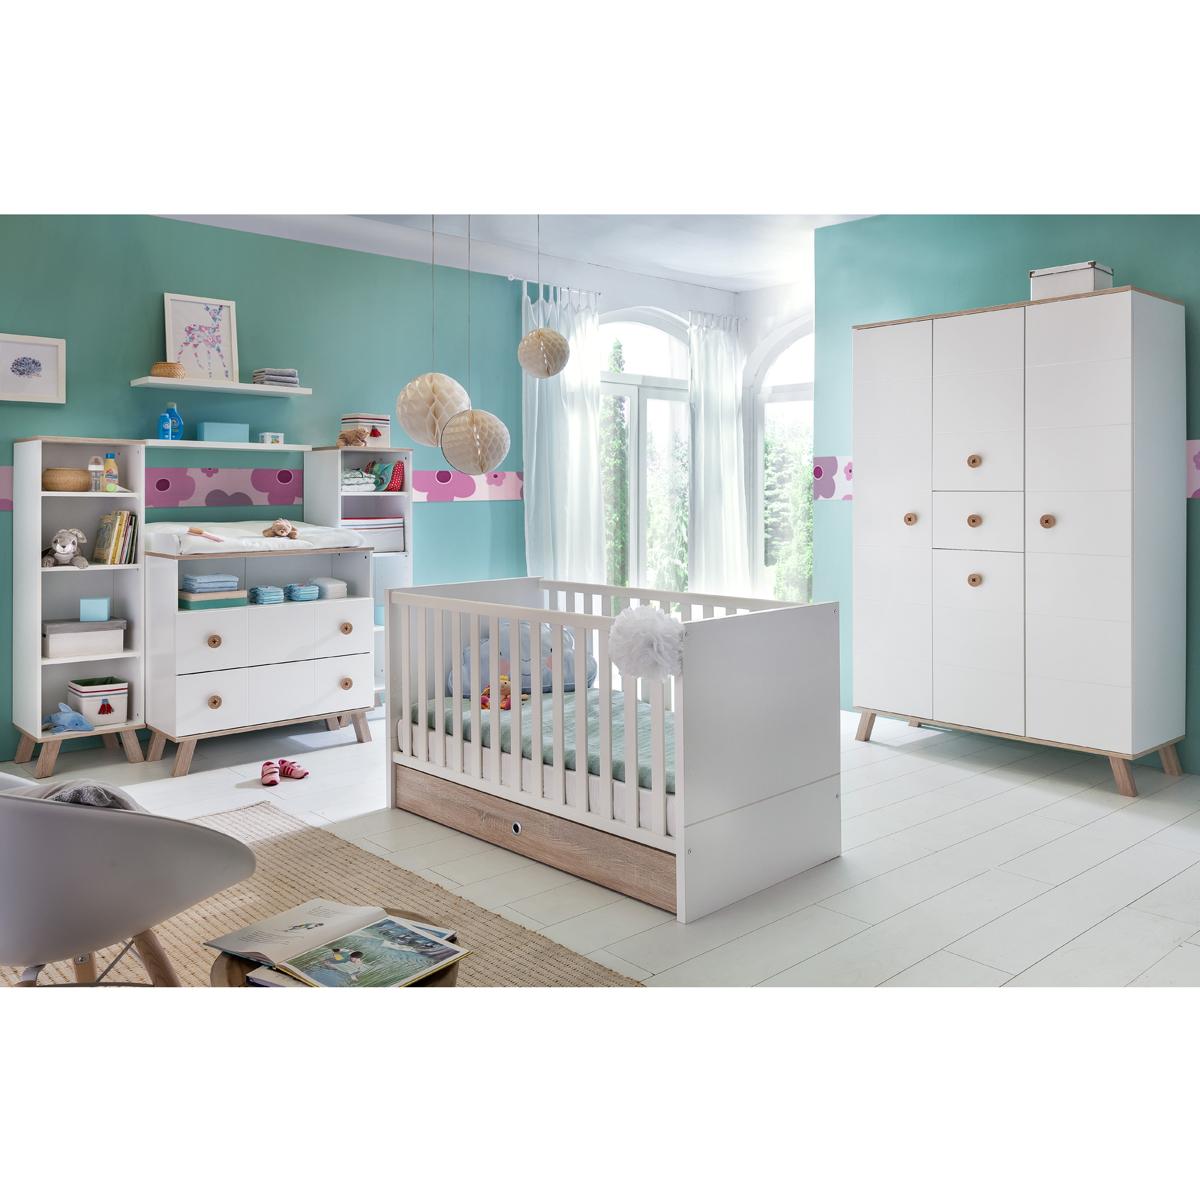 Babyzimmer Set Billu in Alpinweiß und Eiche Sägerau Kinderzimmer ...